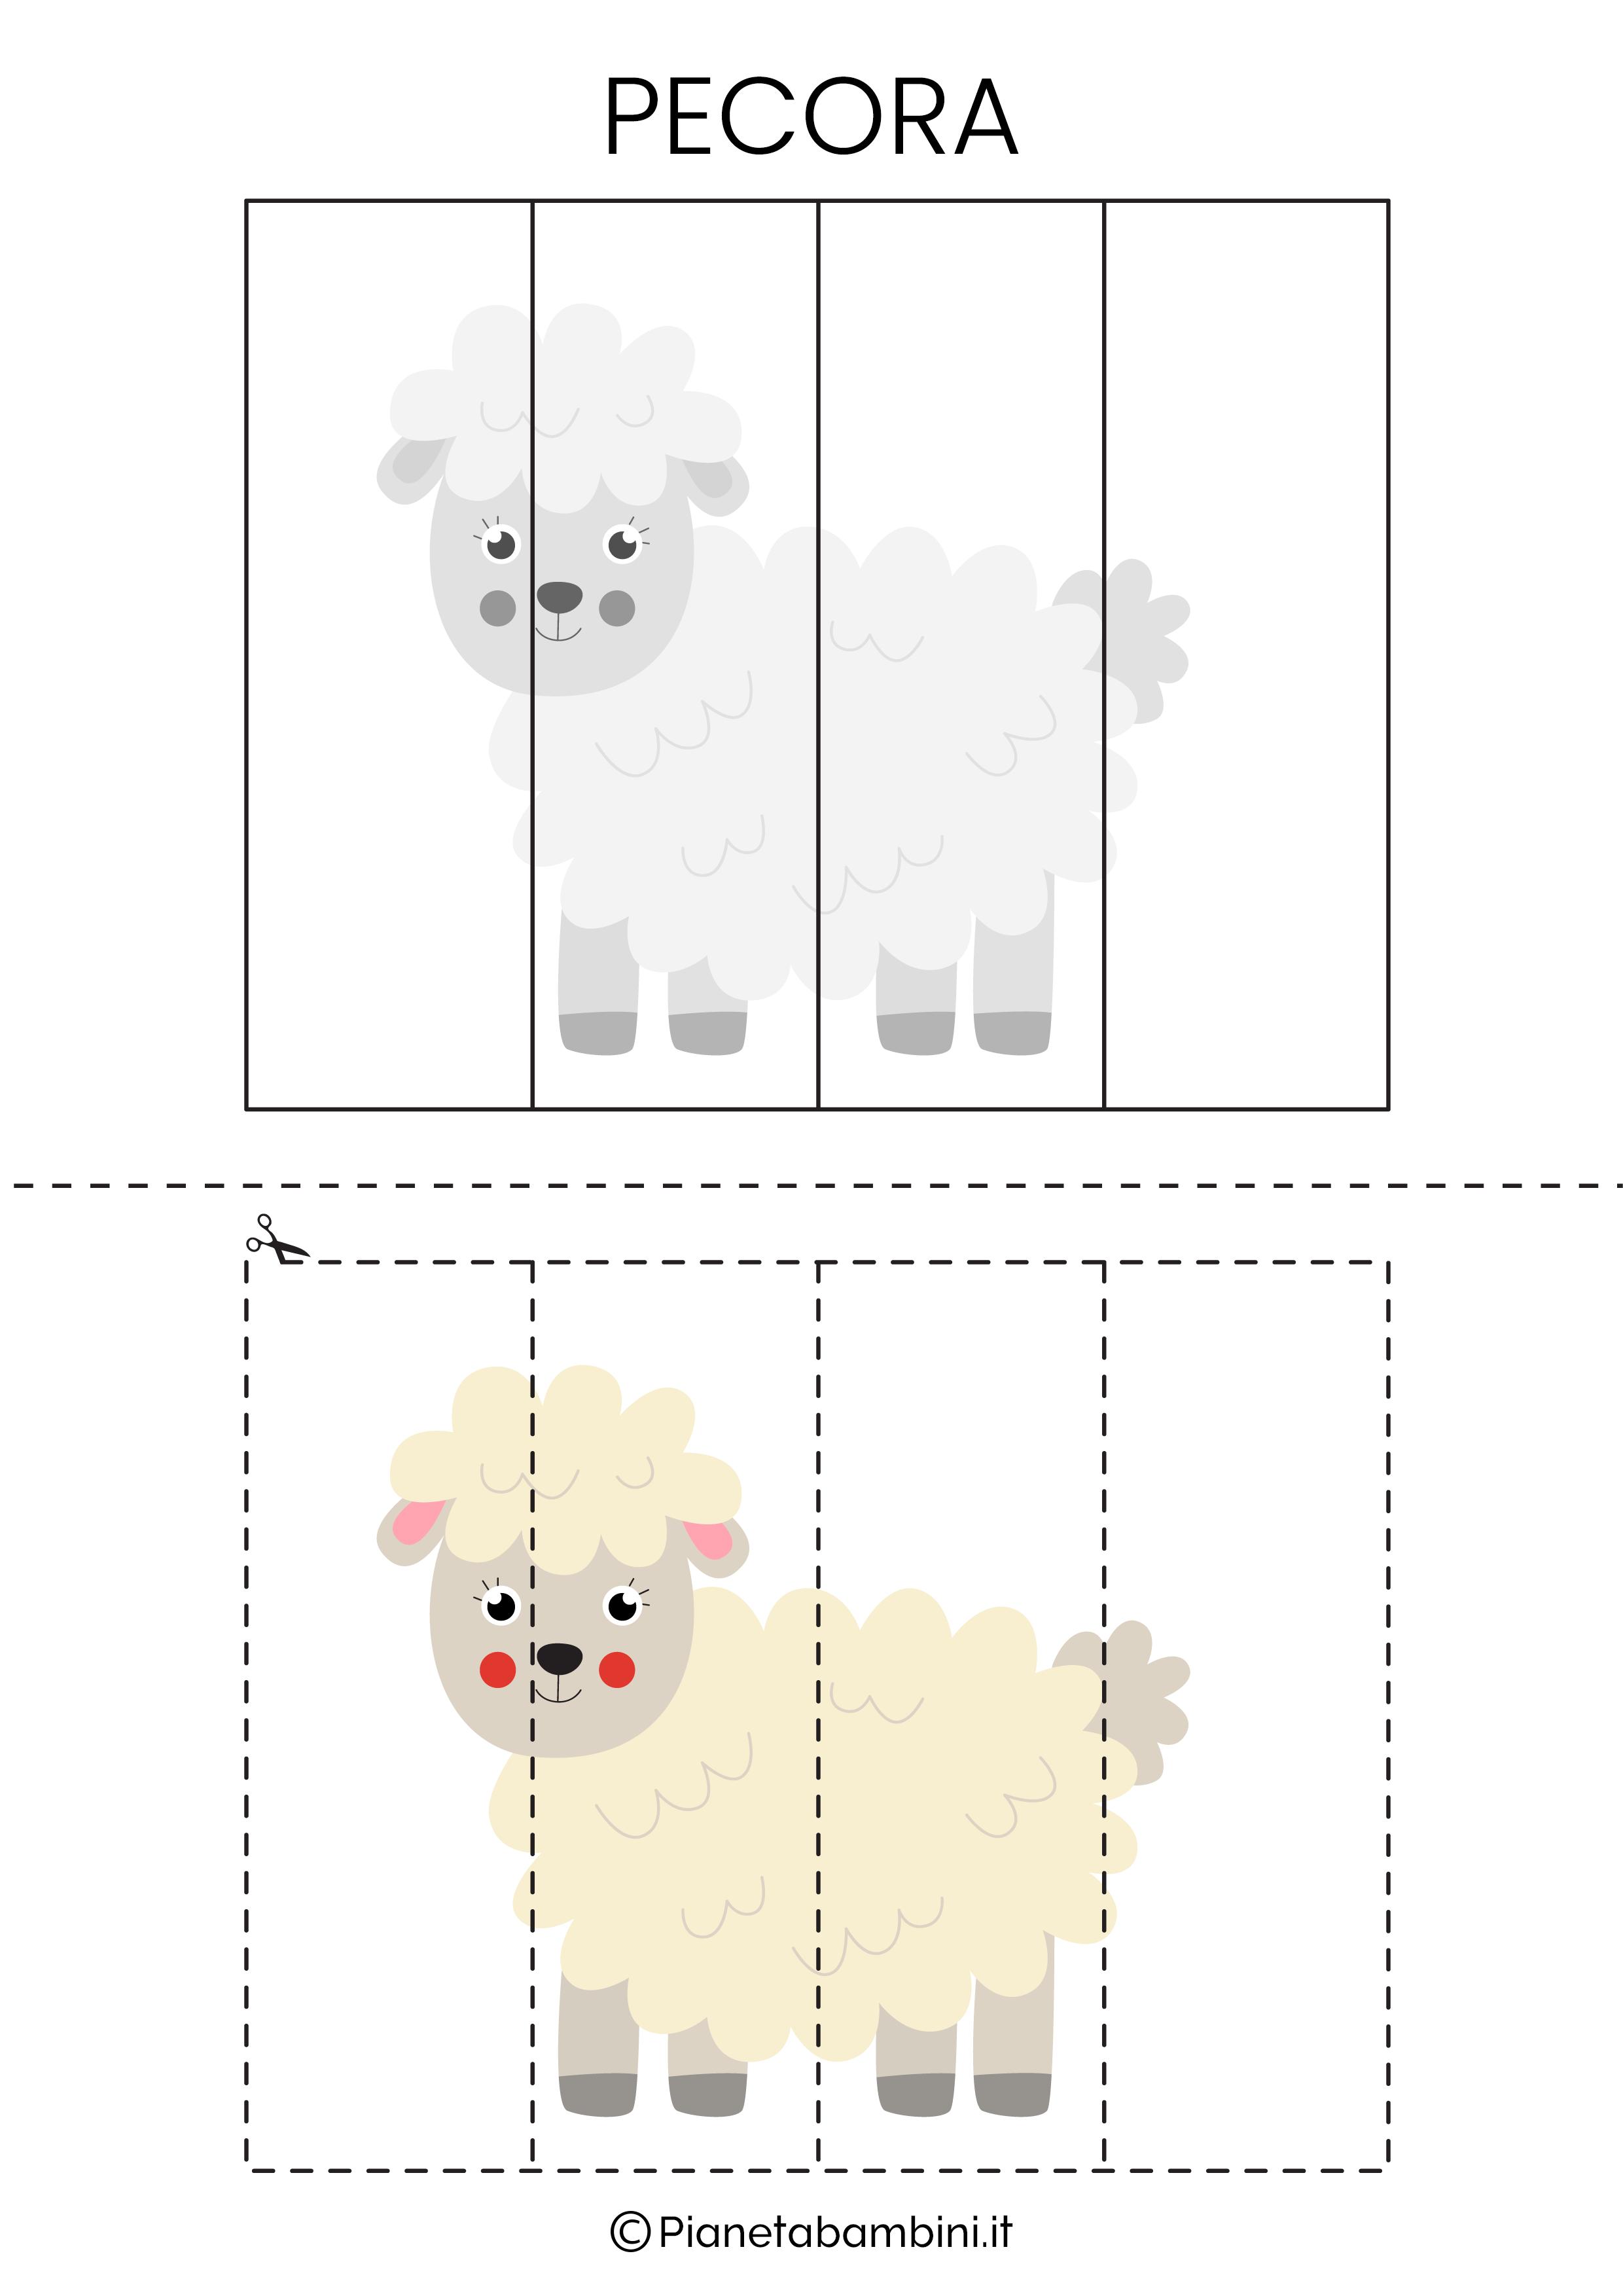 Puzzle della pecora da 4 pezzi da ritagliare e ricomporre